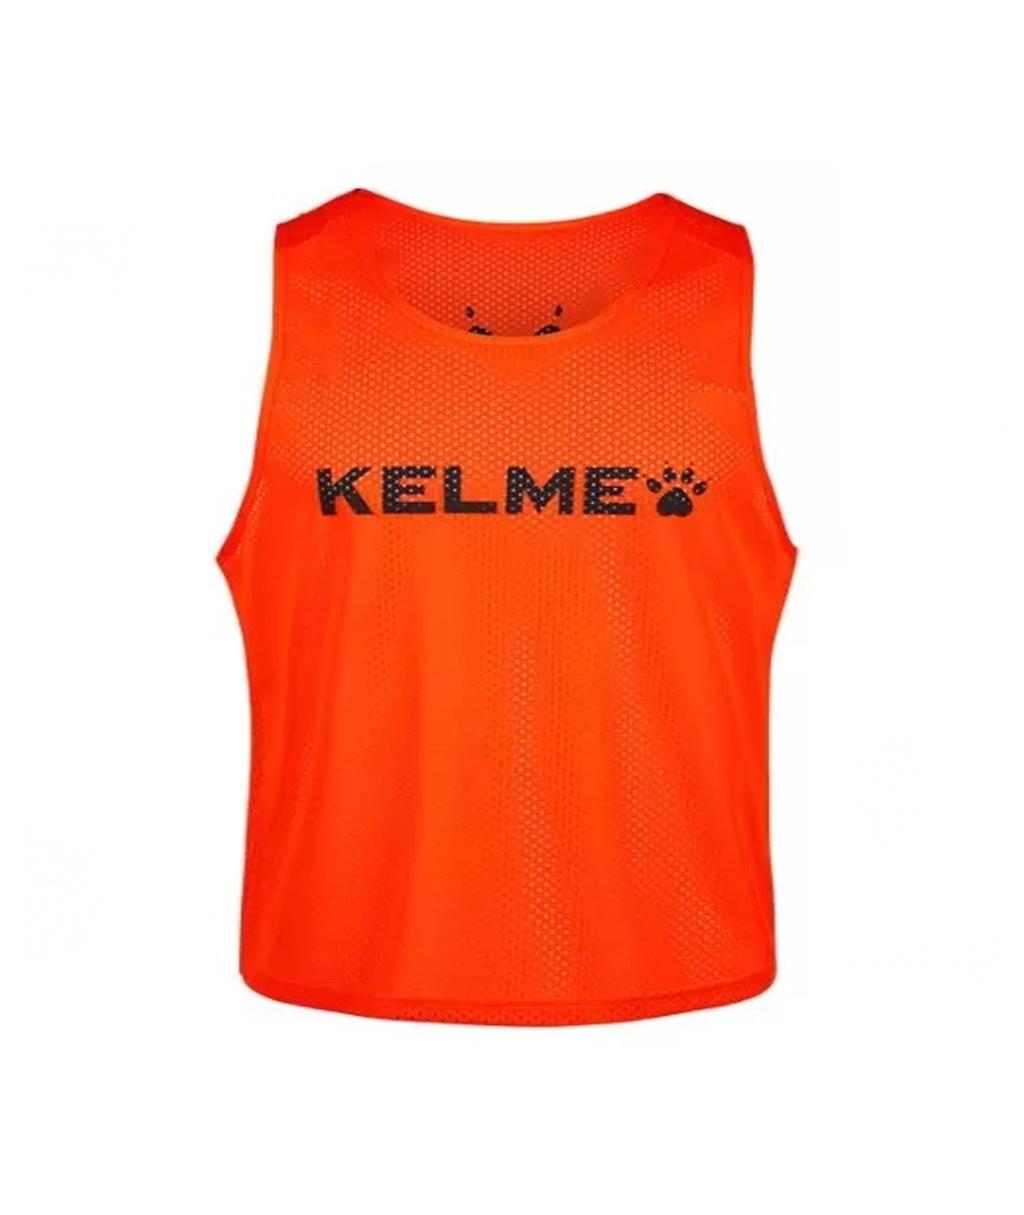 Купить оранжевую детскую манишку Kelme Training BIB в интернет-магазине